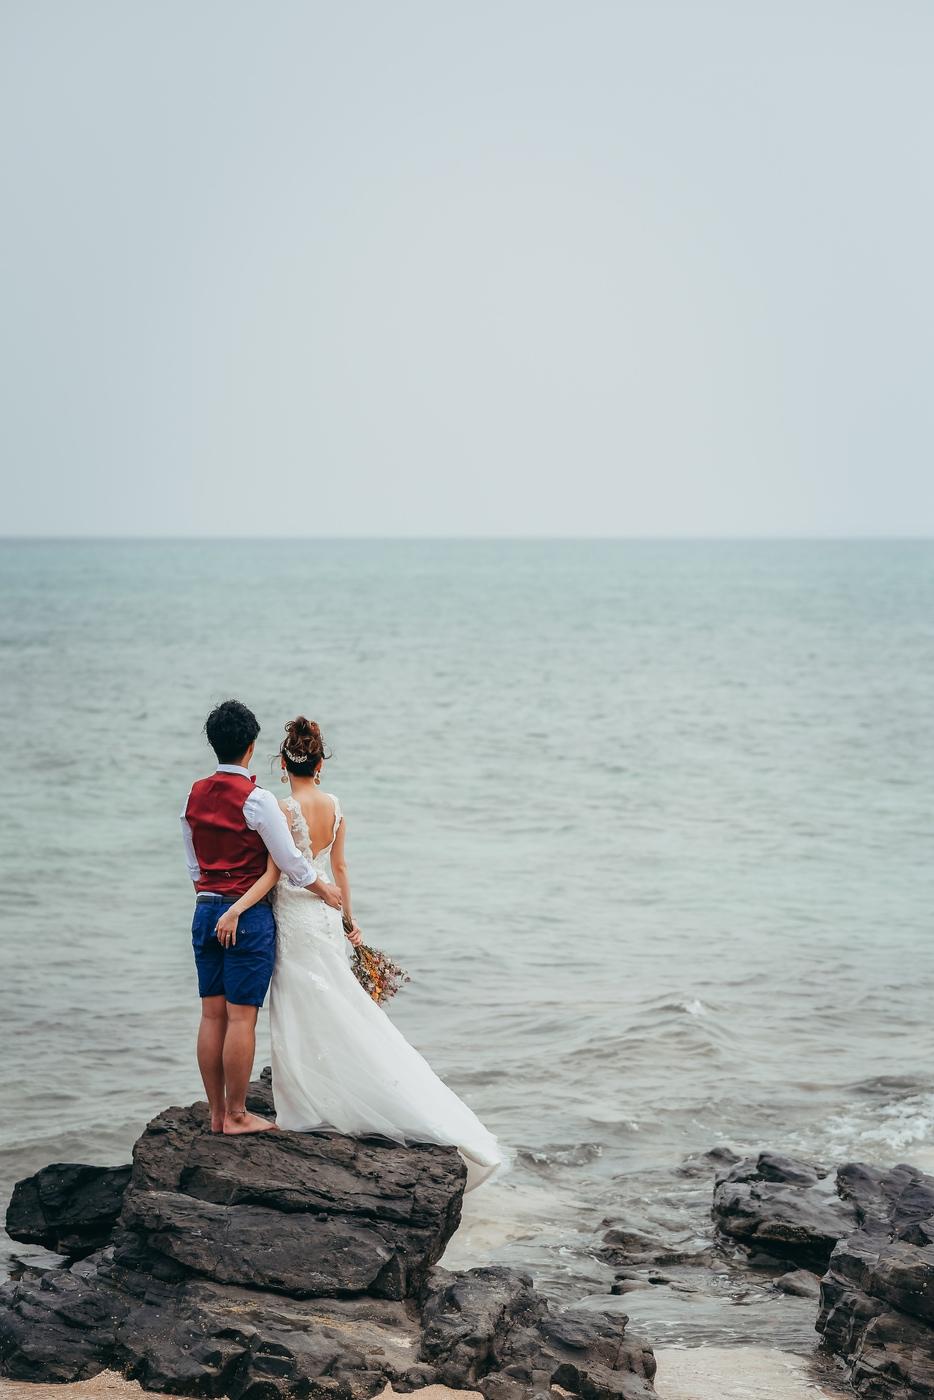 岩場に立って海を眺める